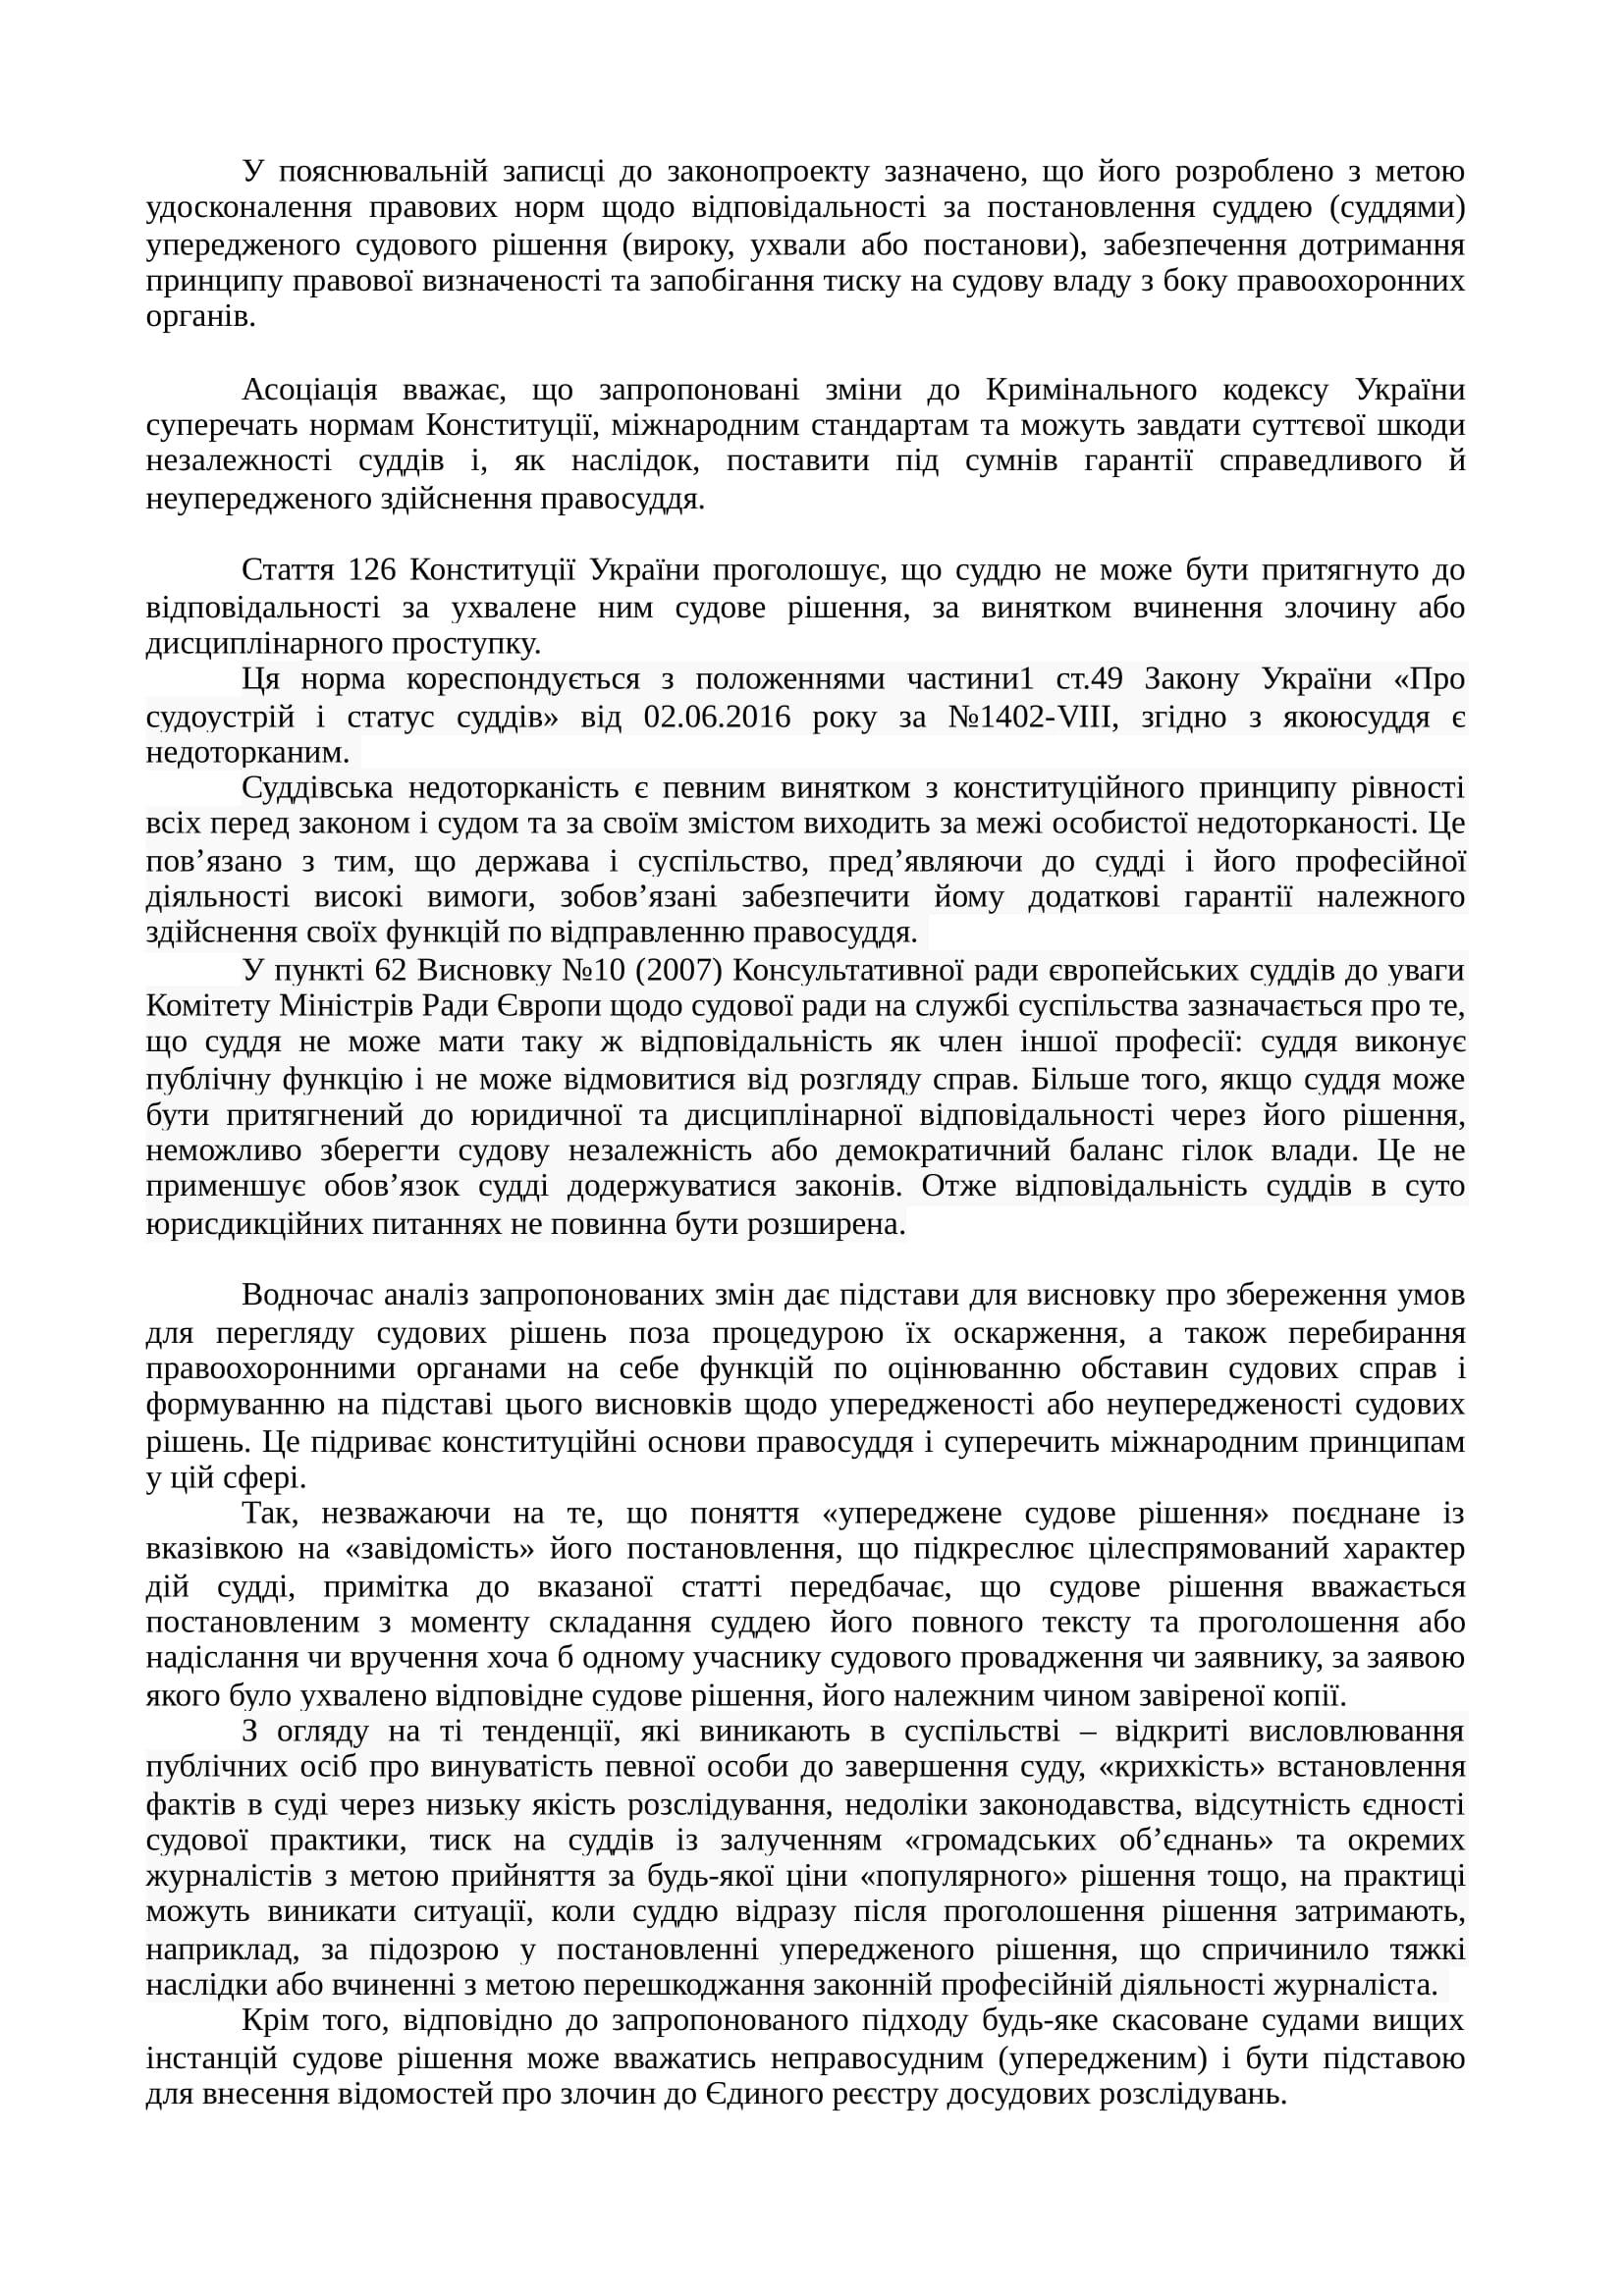 Звернення-АРССУ-до-ВРУ-2